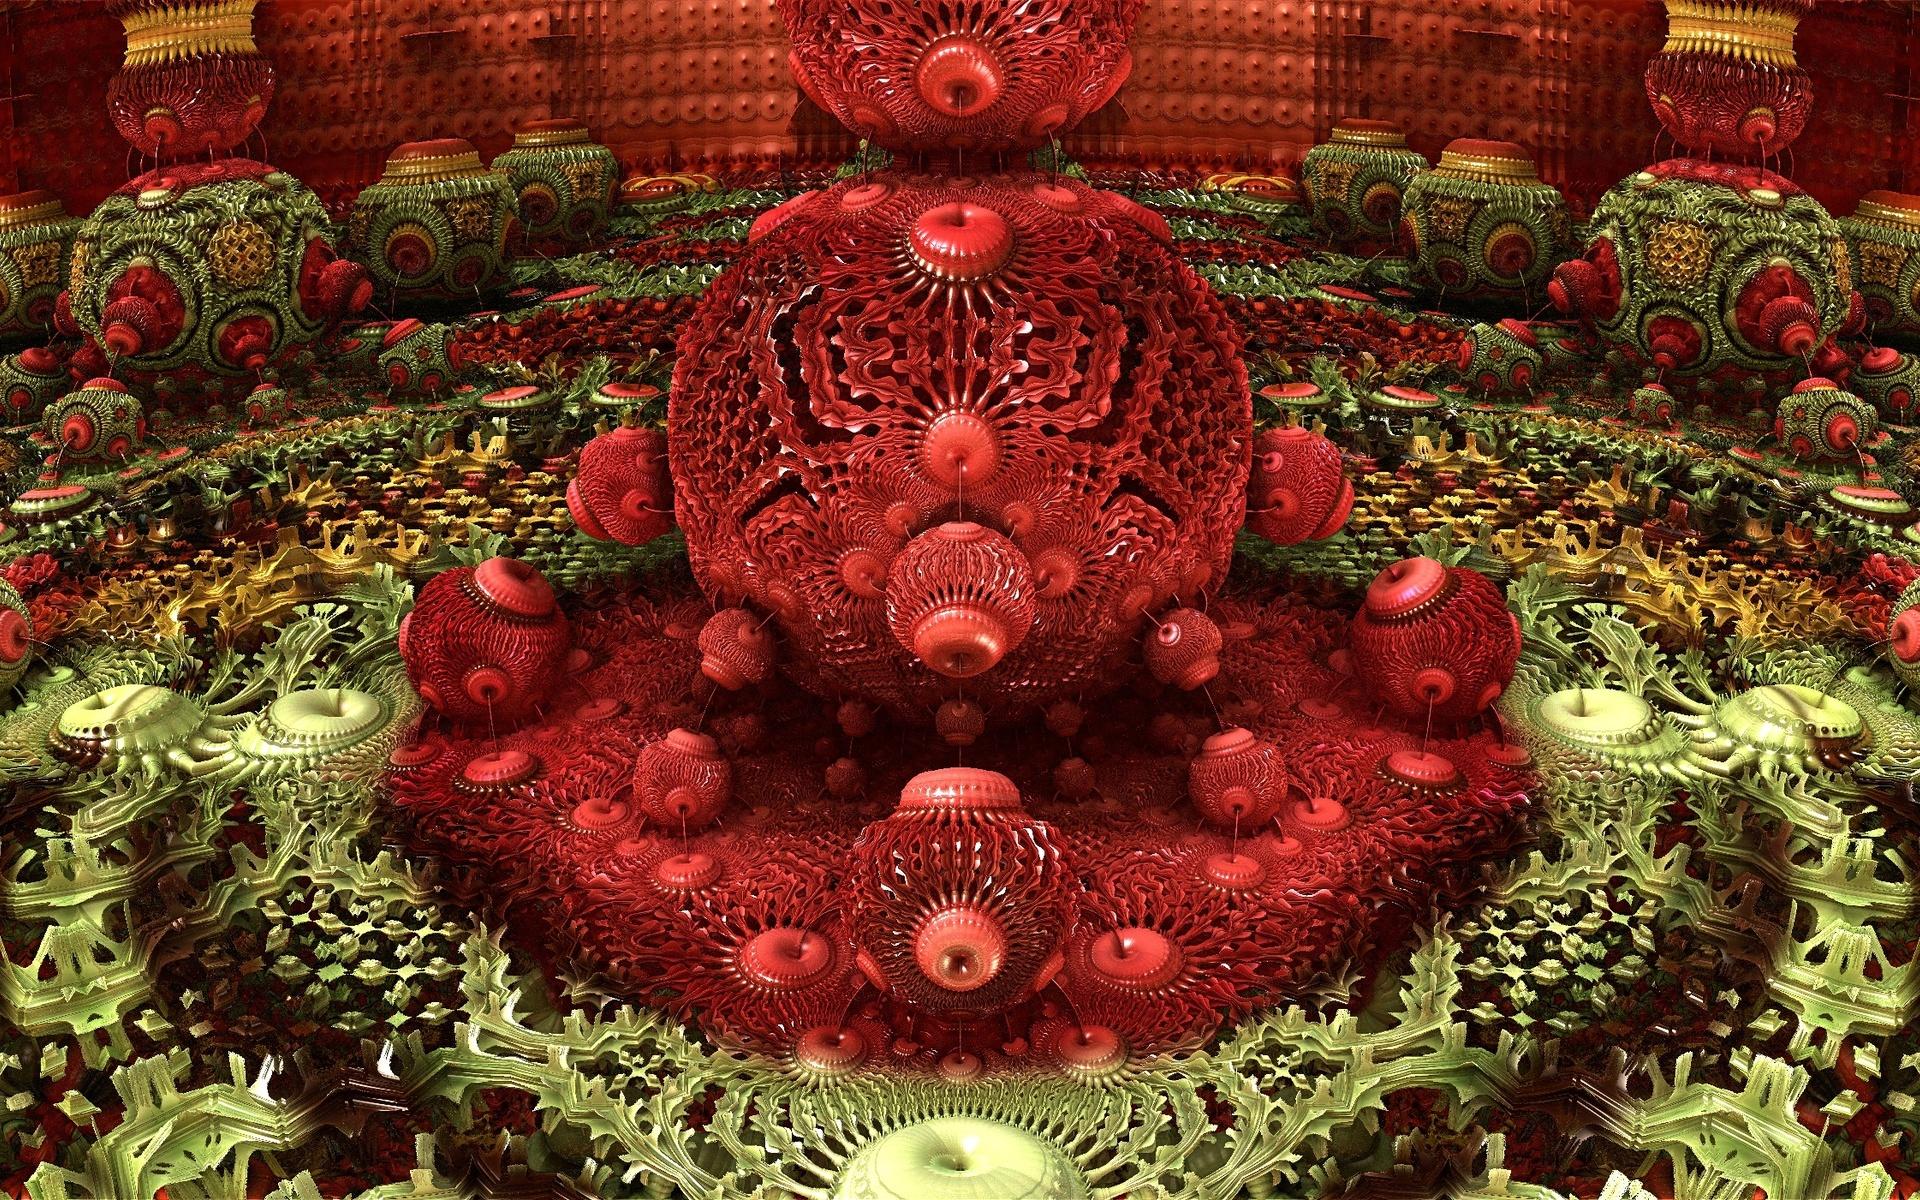 Abstract Fractal 3d Cg Digital Art Colors Contrast